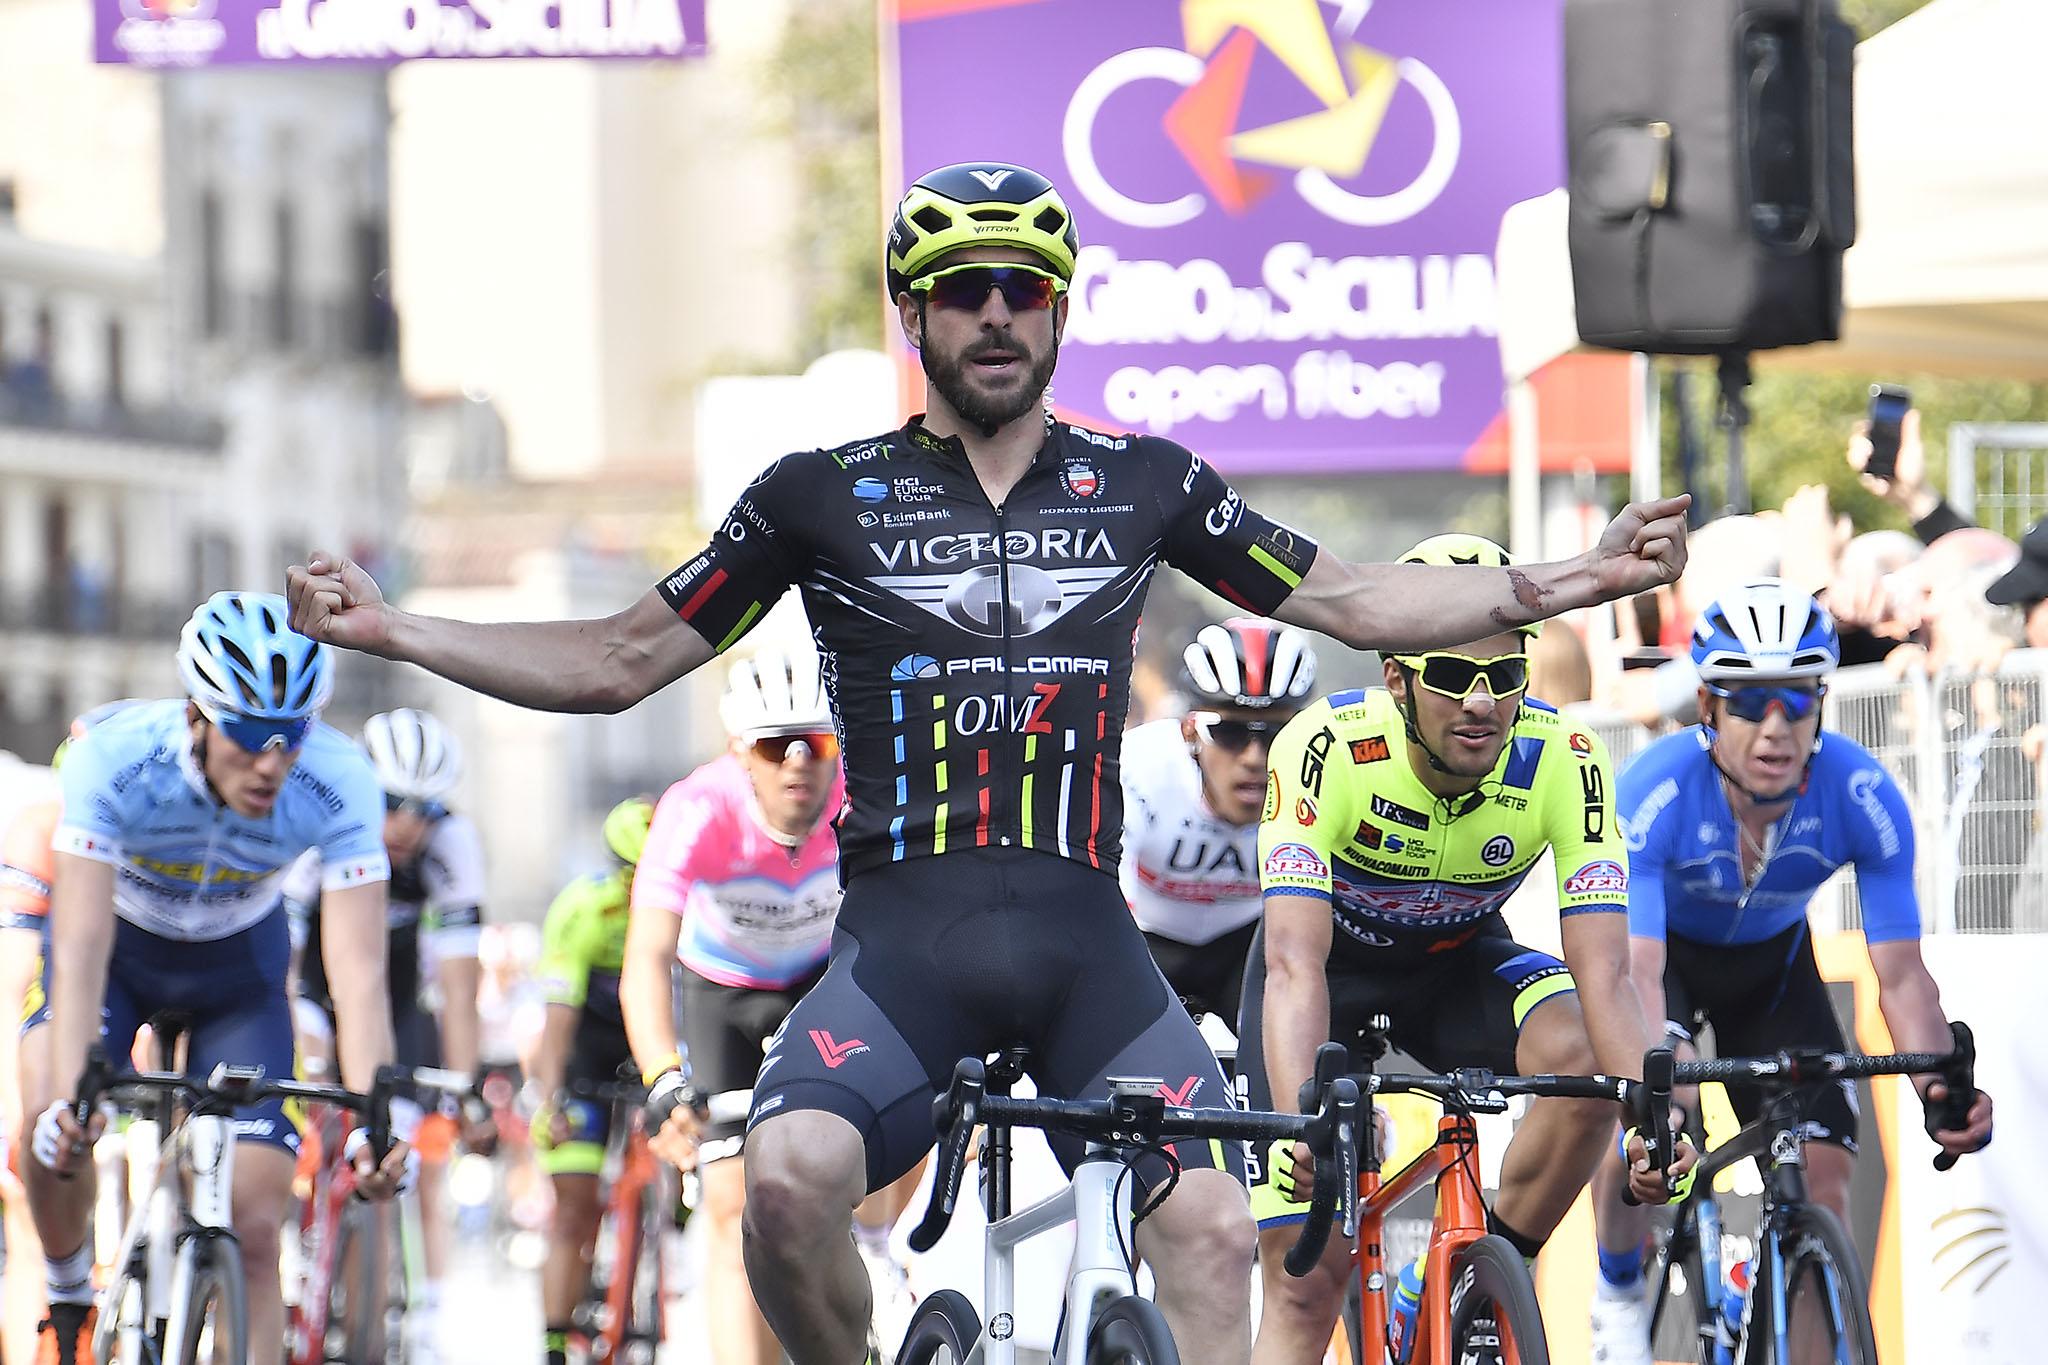 Giro di Sicilia, Stacchiotti si aggiudica la prima tappa sul traguardo di Milazzo